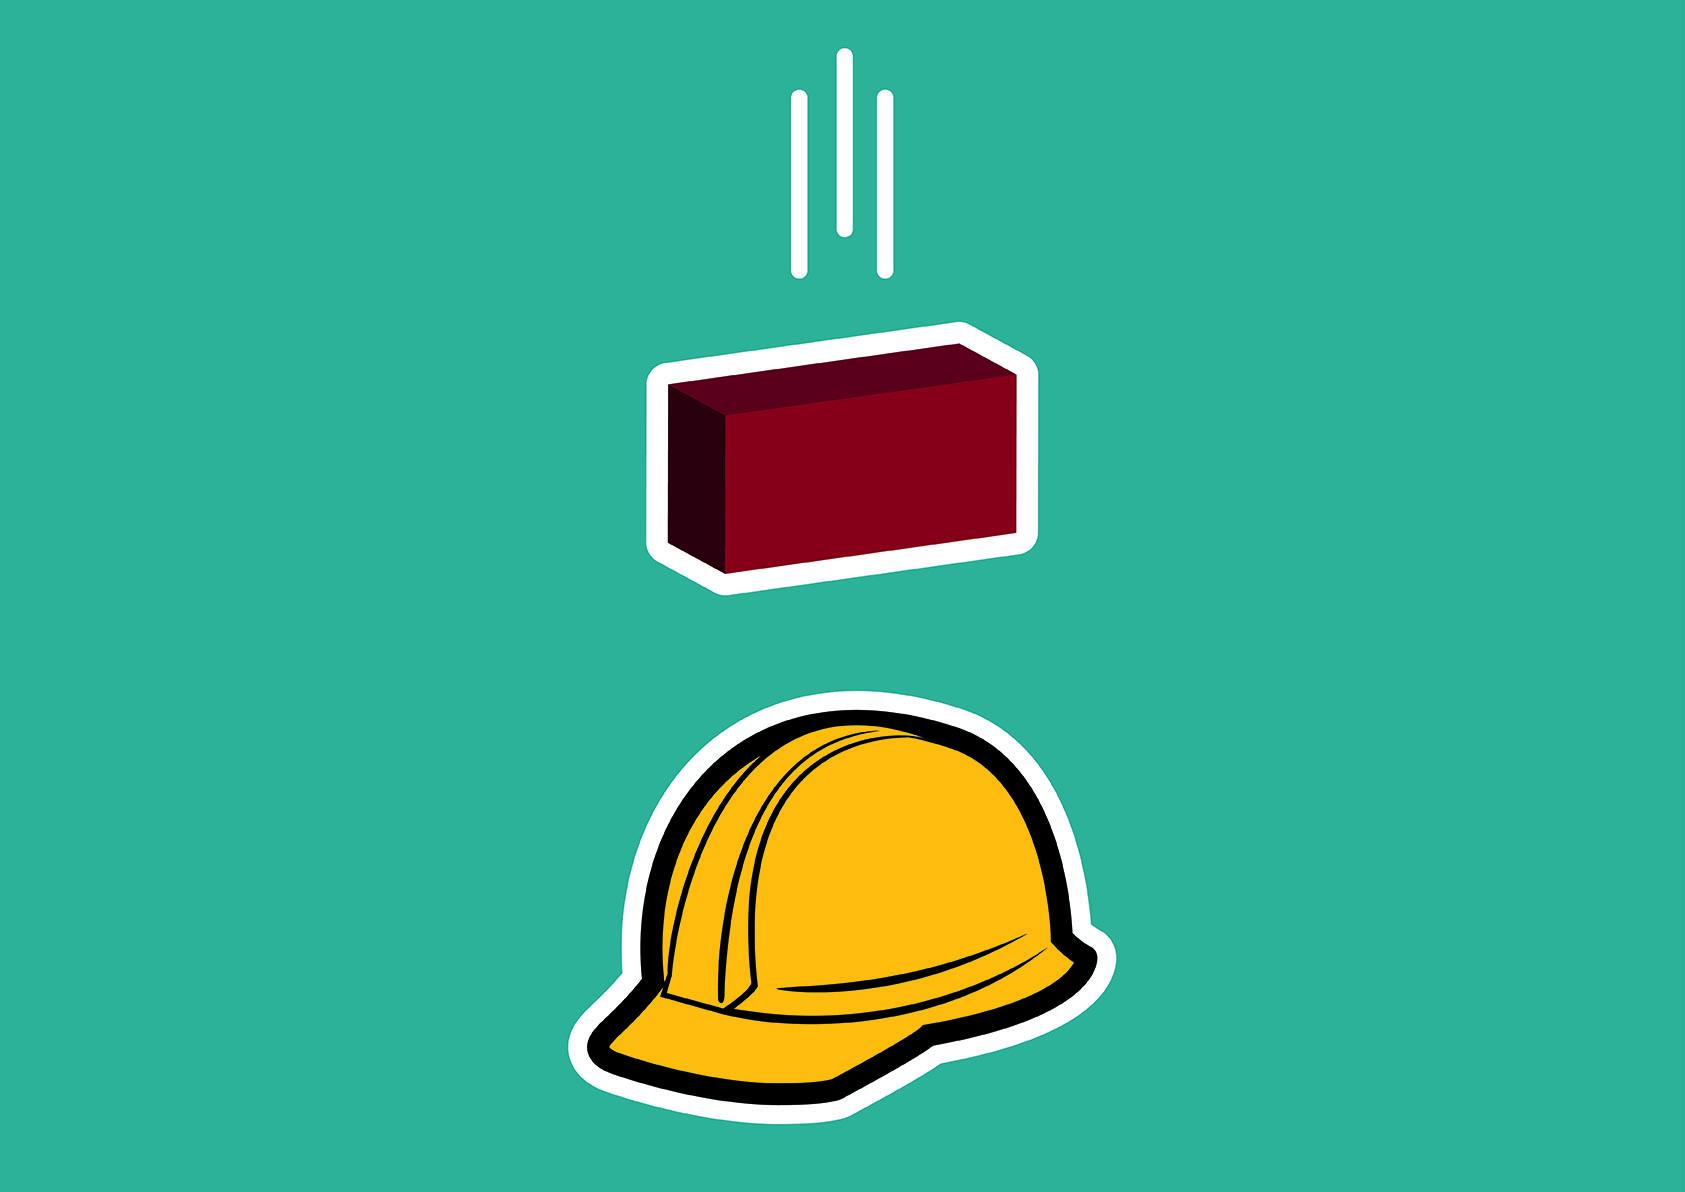 Cómo actuar en caso de accidente de trabajo. Primeras medidas